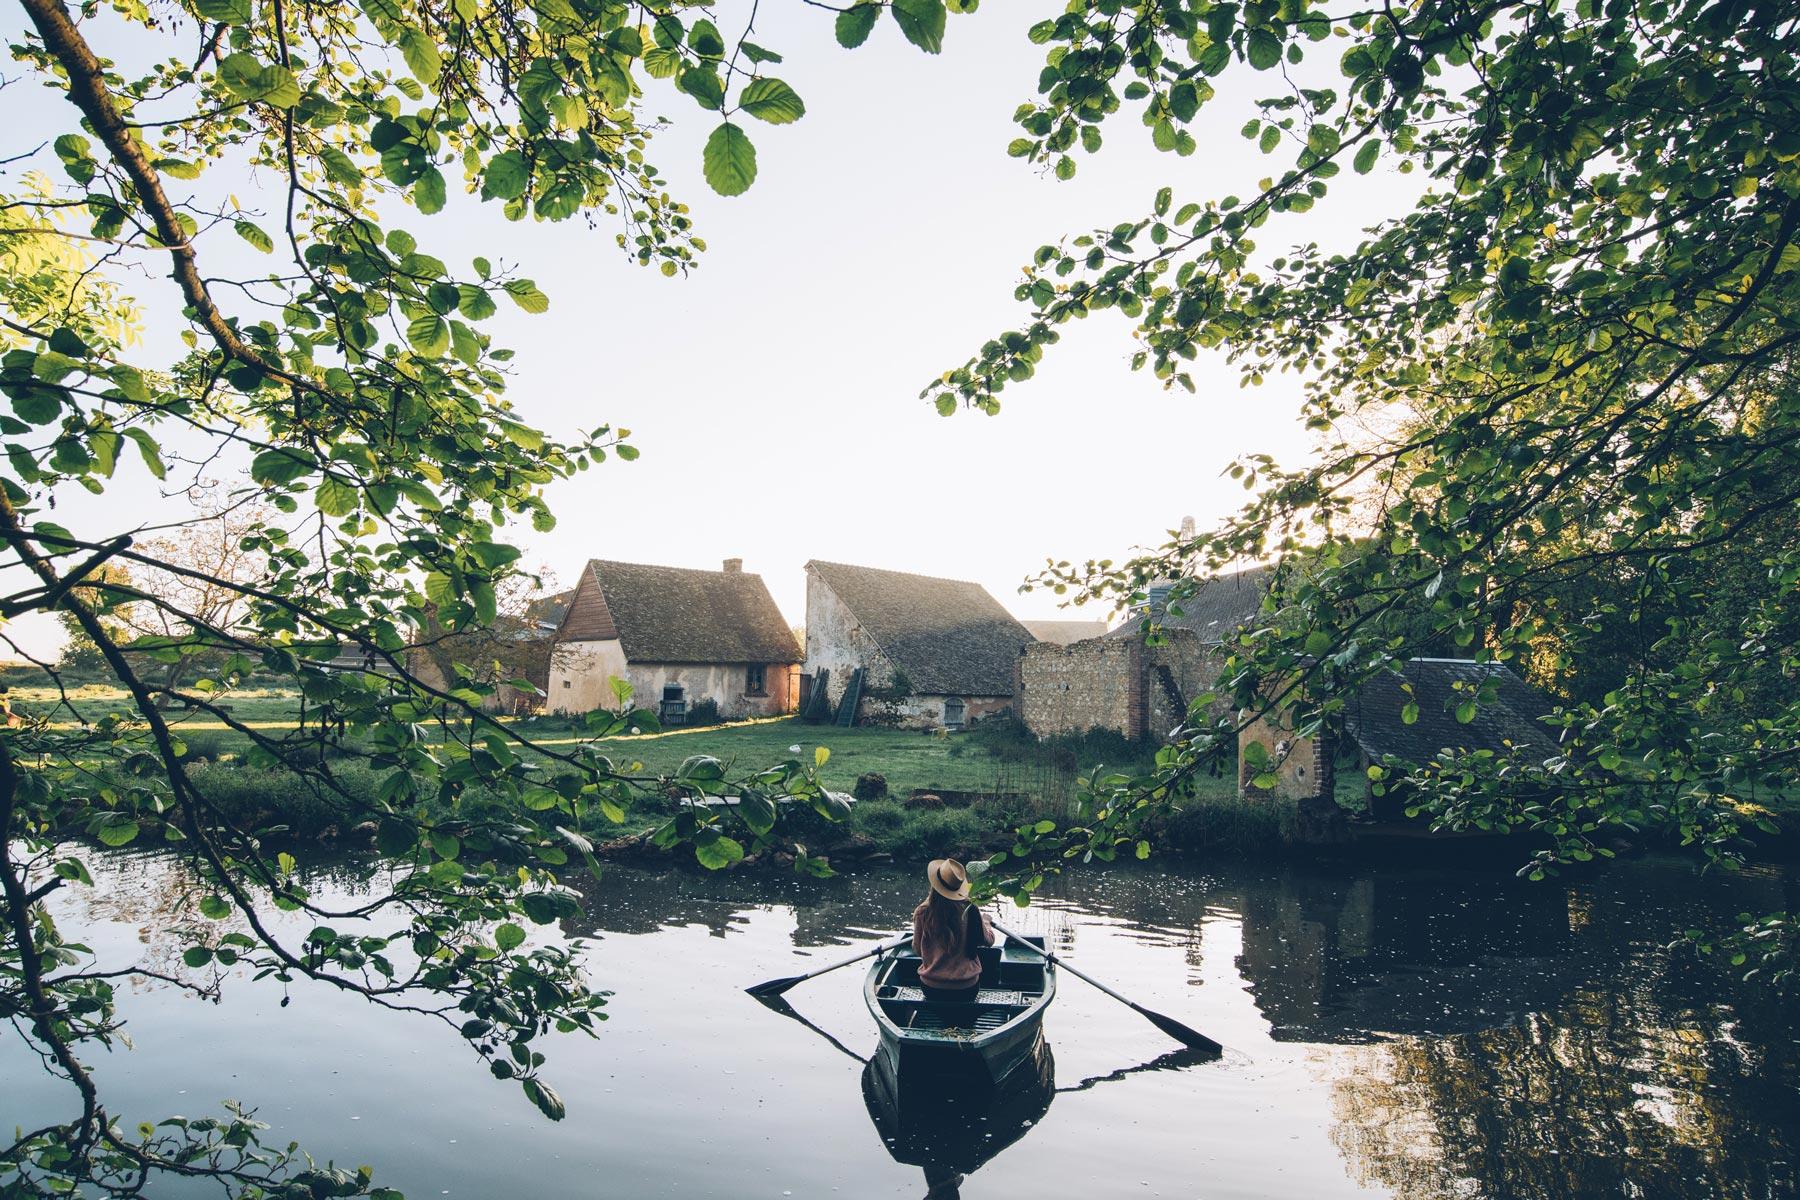 Le Moulin de la Ronce, Alluyes